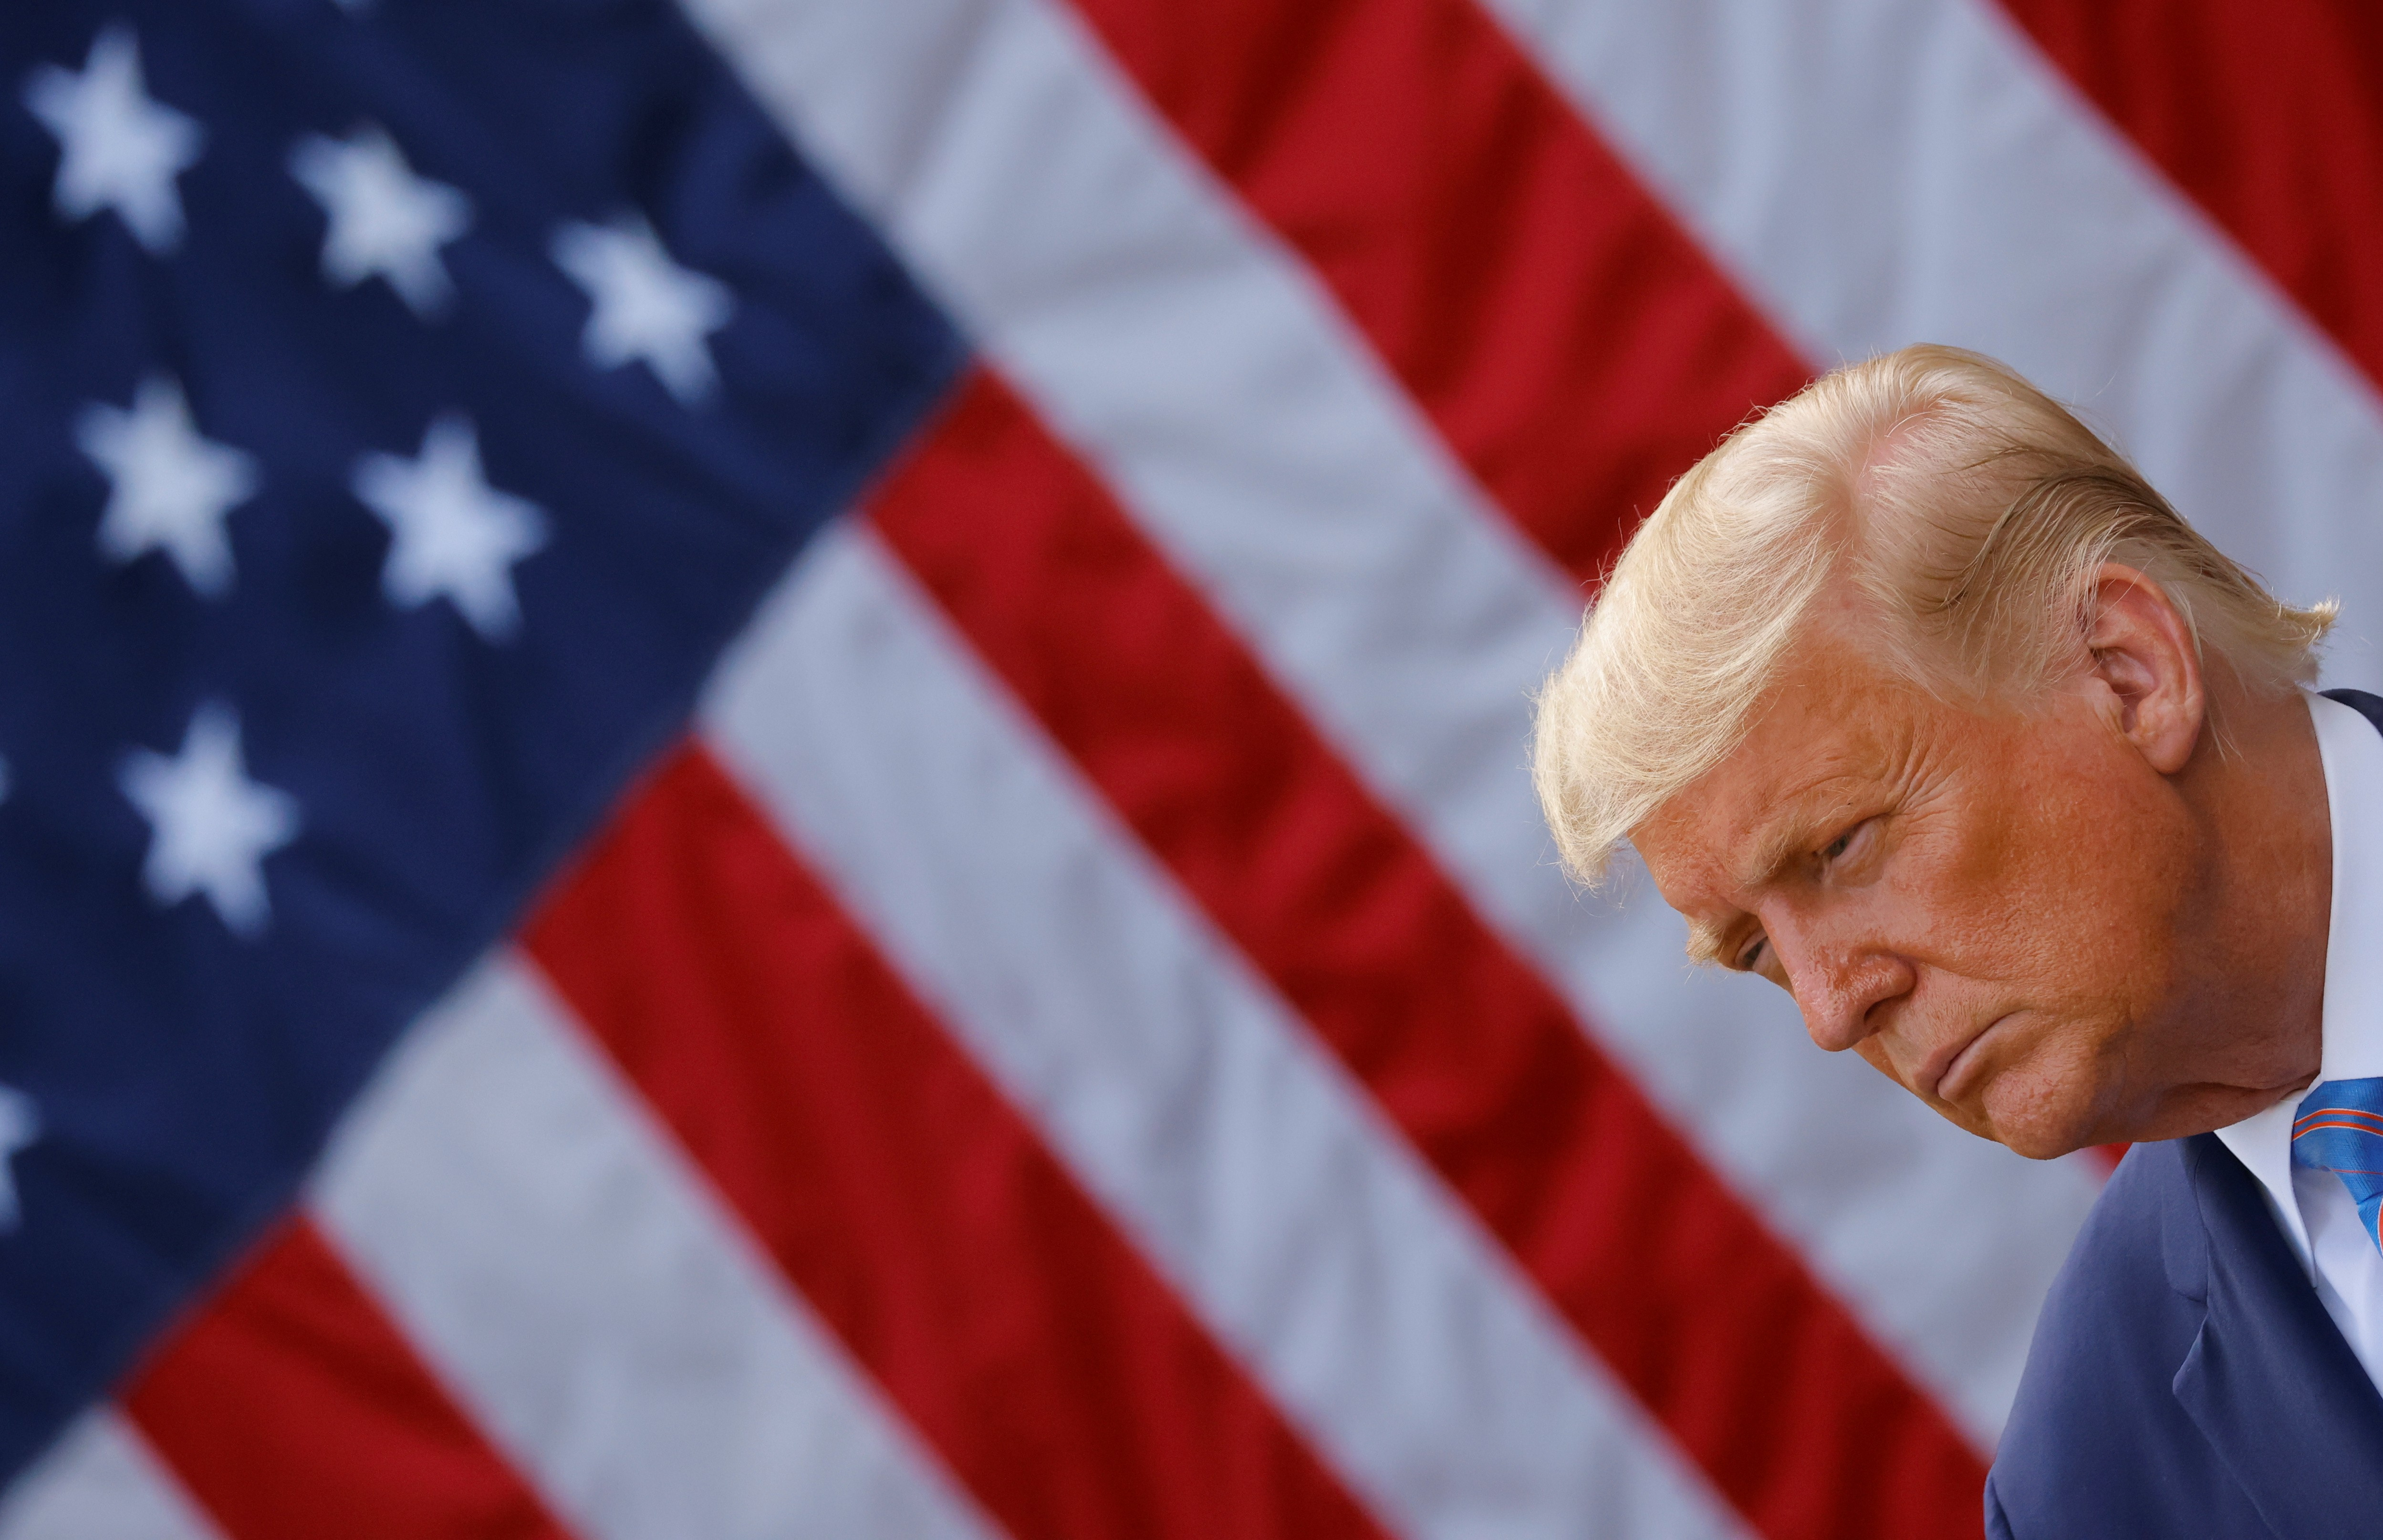 De John Adams a Donald Trump, veja lista de presidentes dos EUA que não se reelegeram